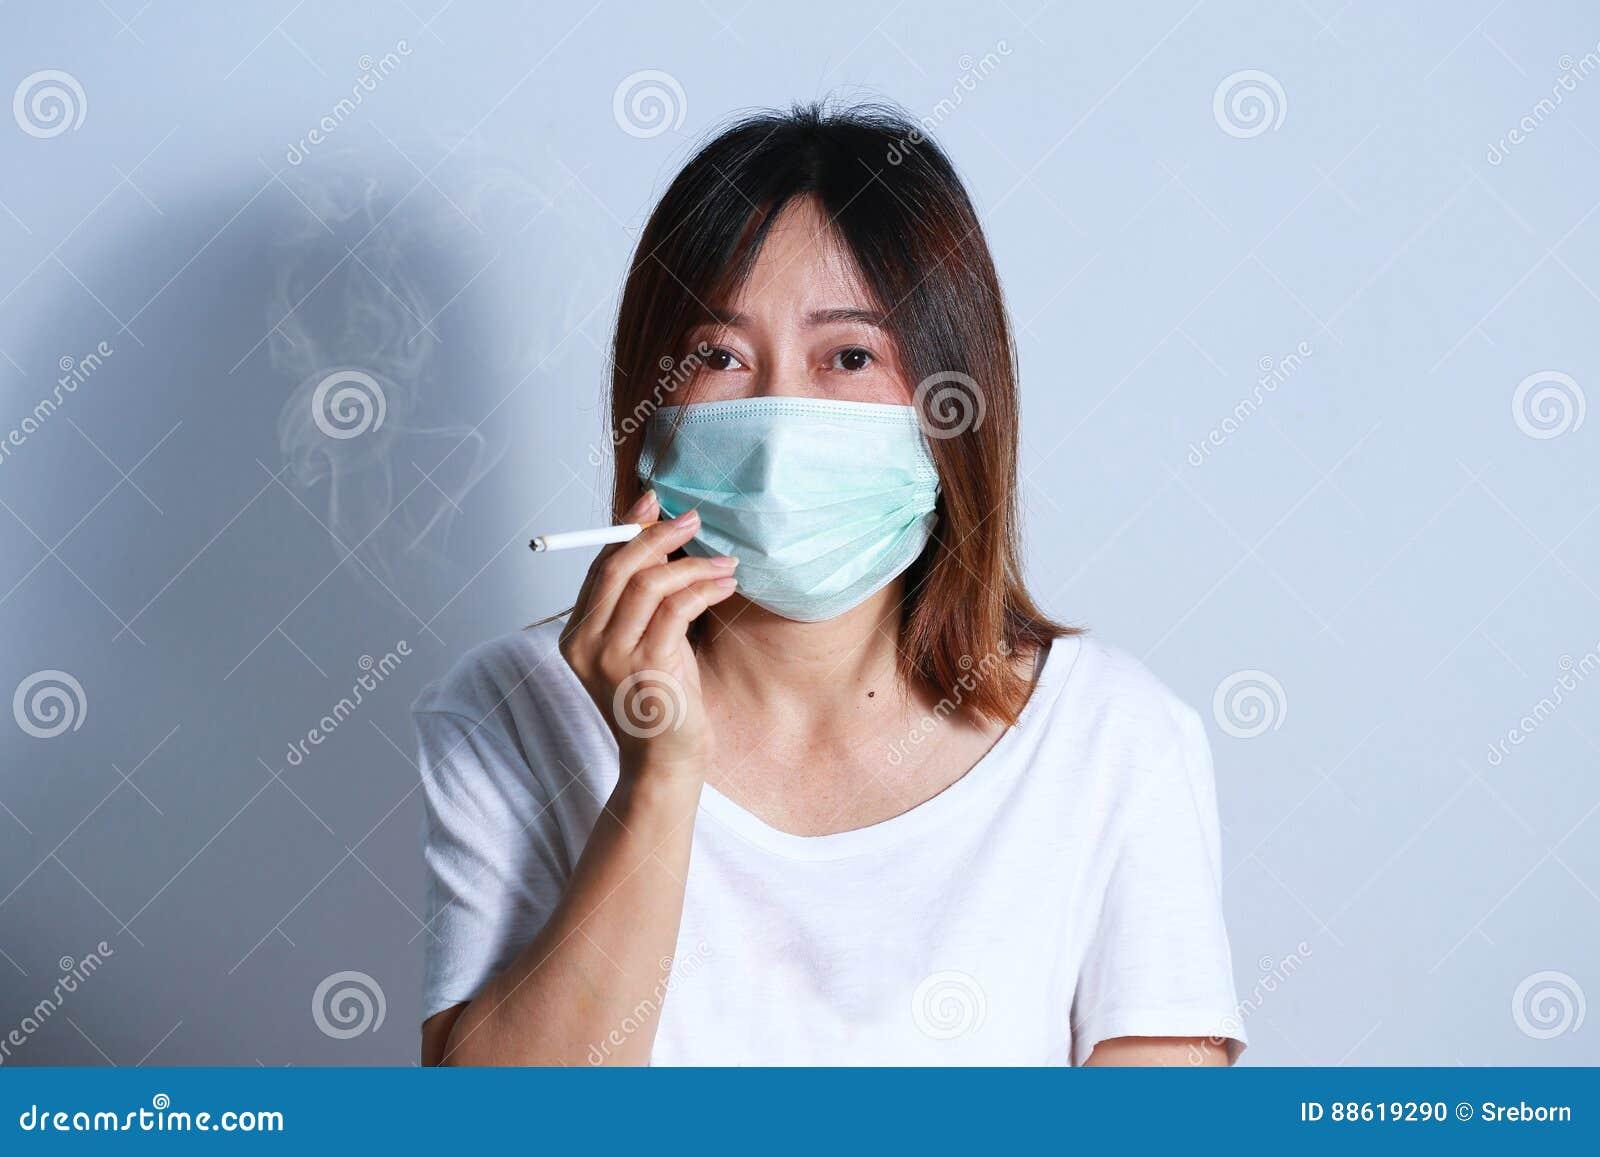 masque anti tabagisme